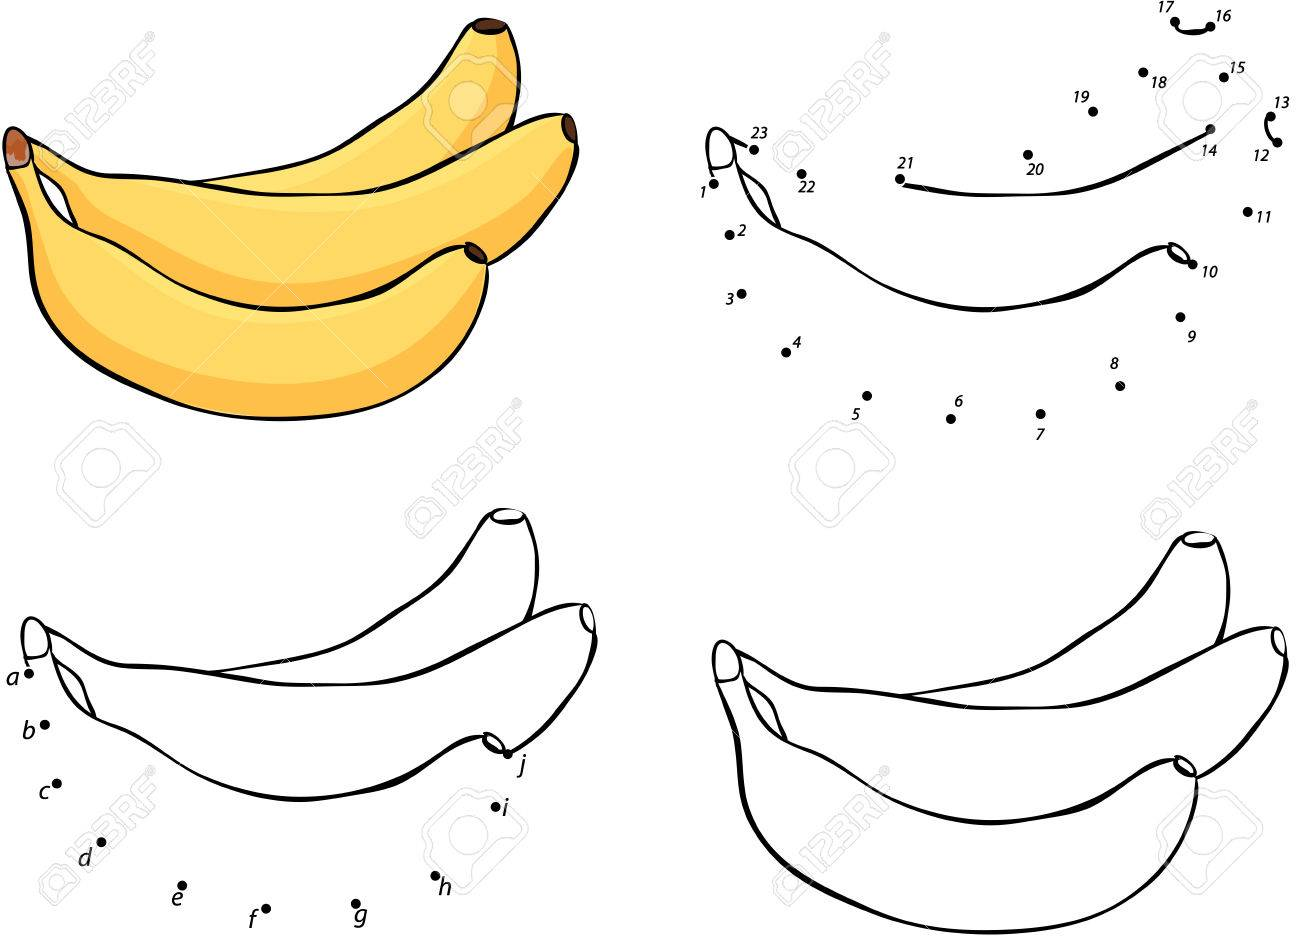 Drei Comic-gelbe Bananen. Vektor-Illustration. Färbung Und Punkt Zu ...